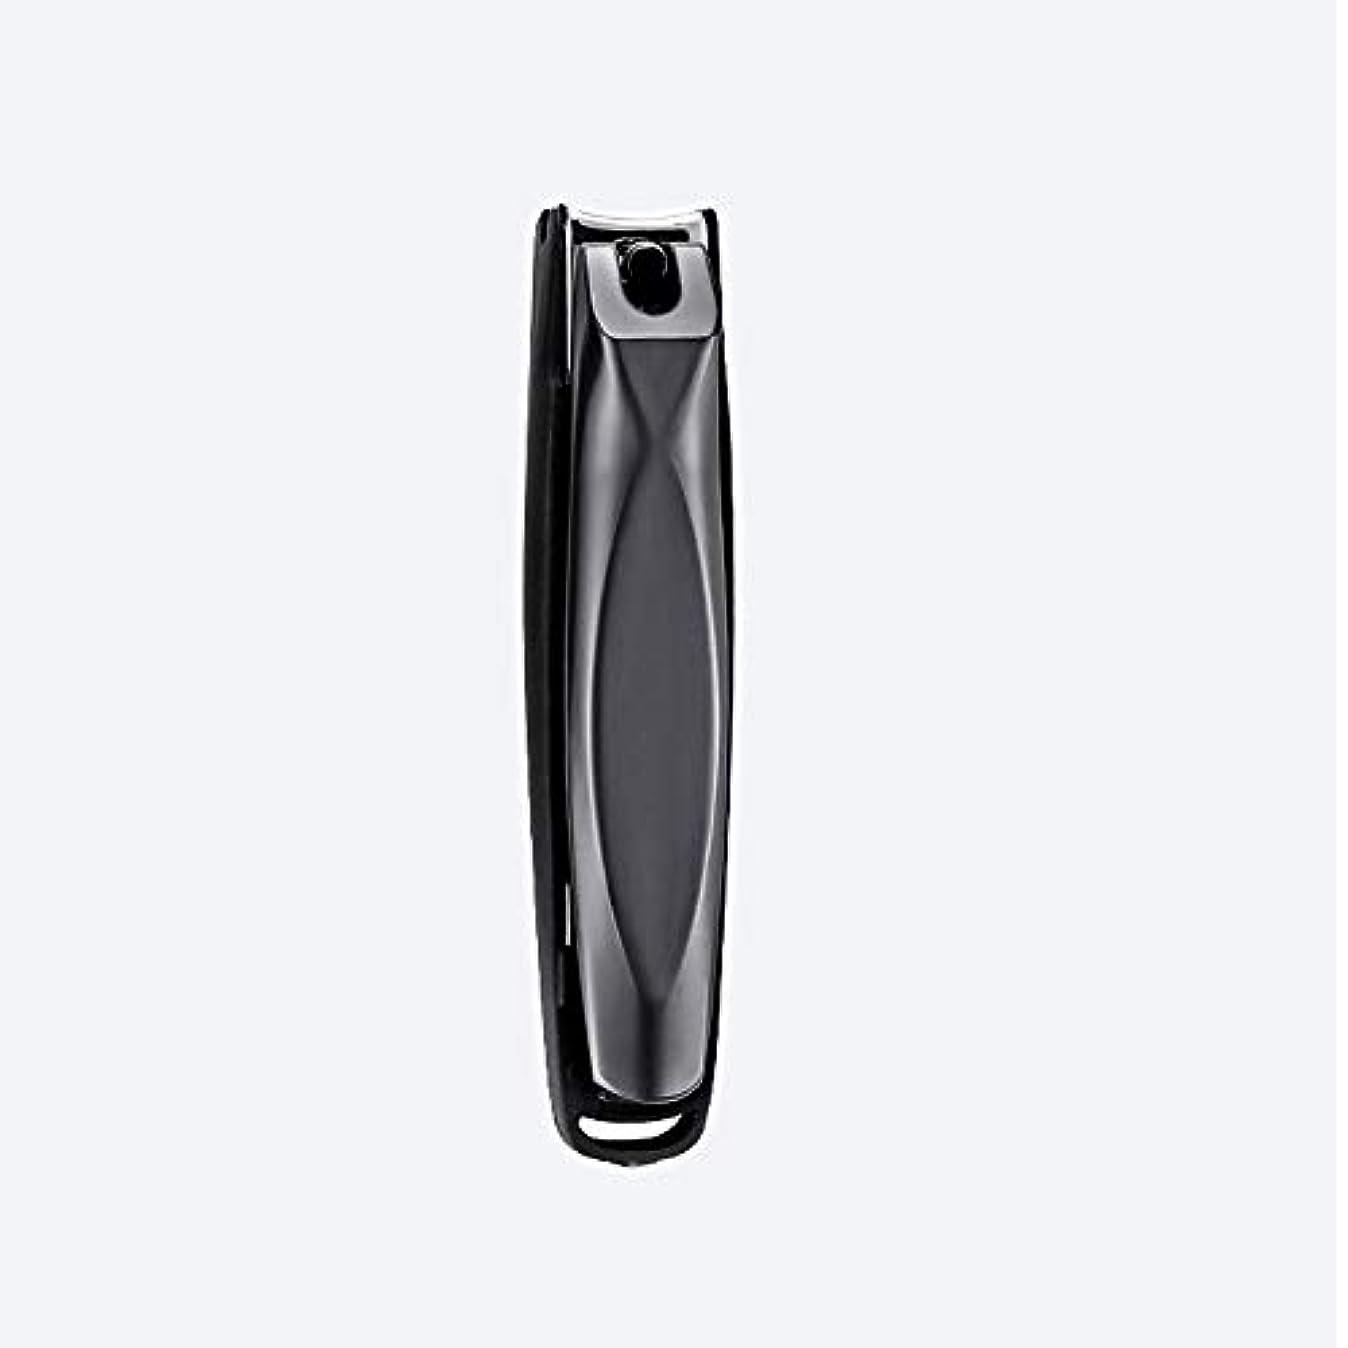 味方艶鼻ネイルクリッパーセット、爪&足の爪切り、大人のための耐久性のある鋭いステンレス鋼のネイルカッター Blingstars (Size : 9cm)